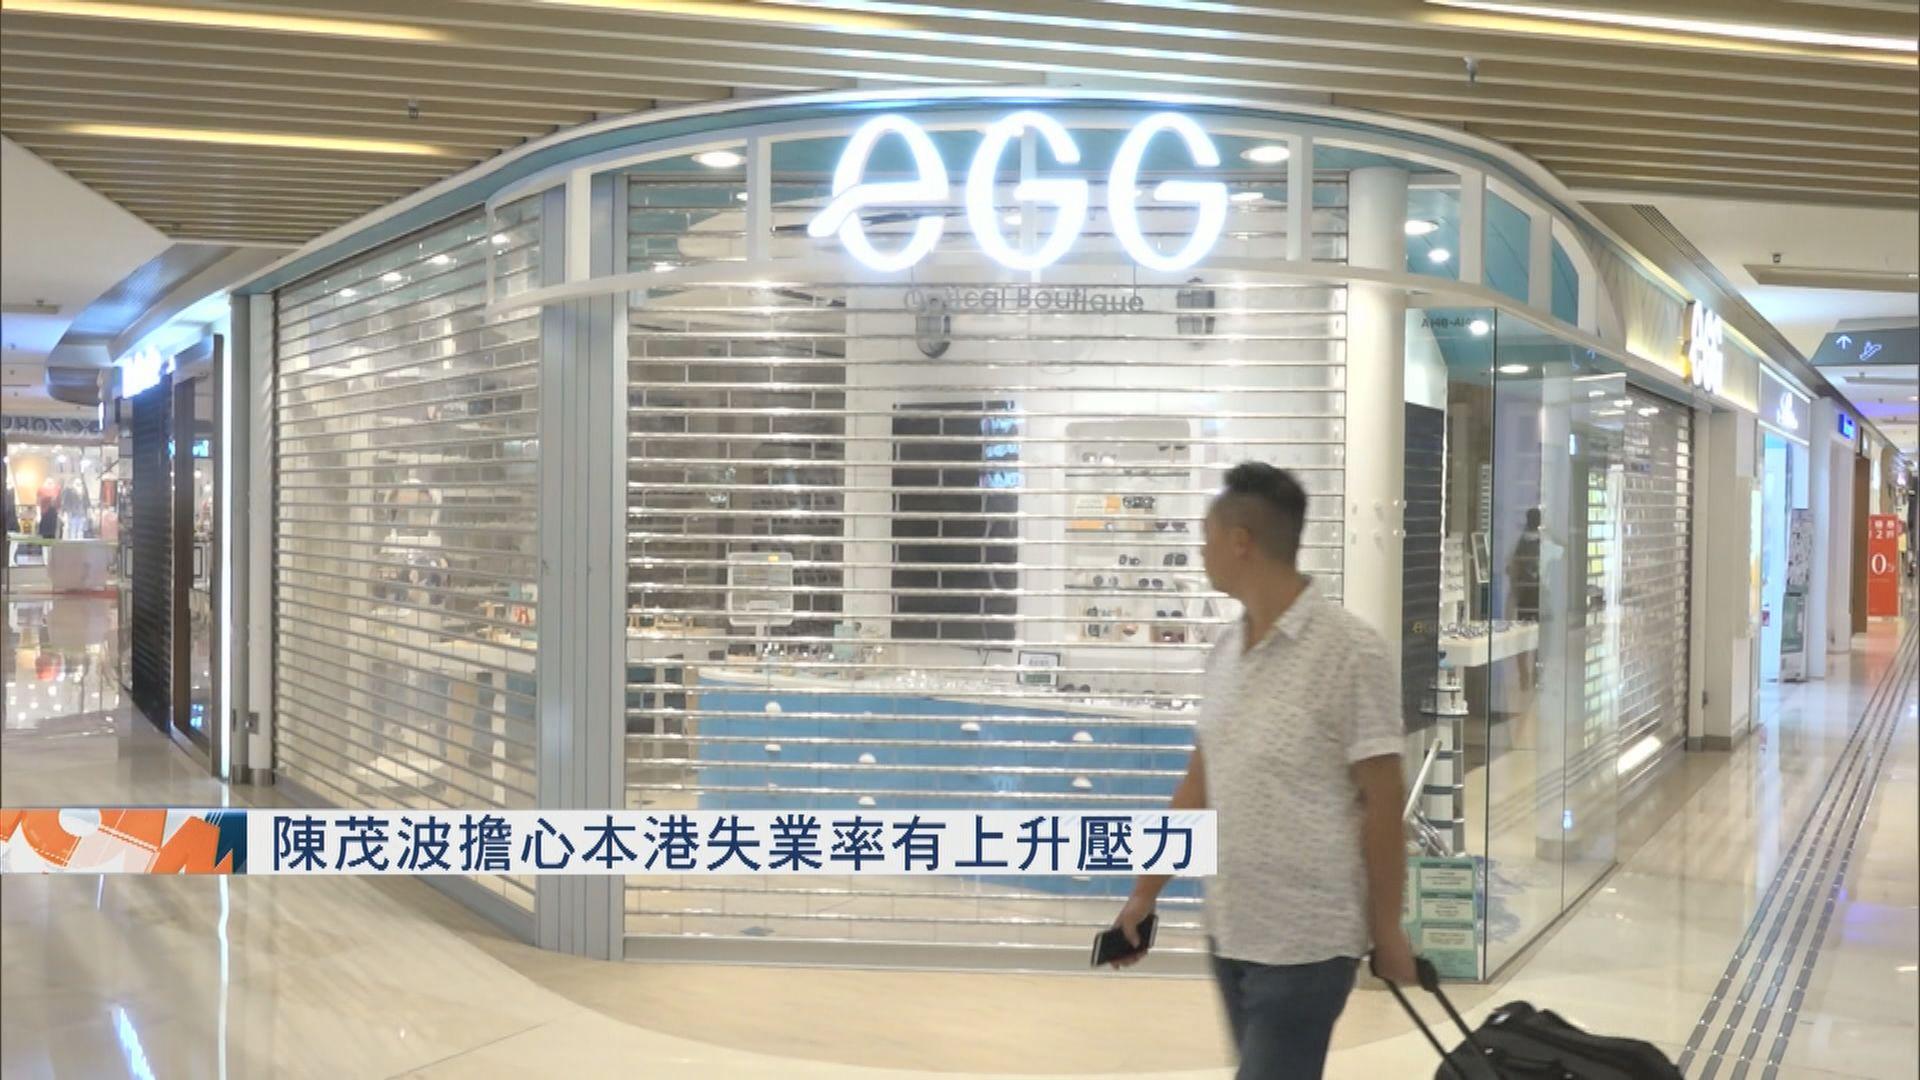 陳茂波擔心本港失業率有上升壓力